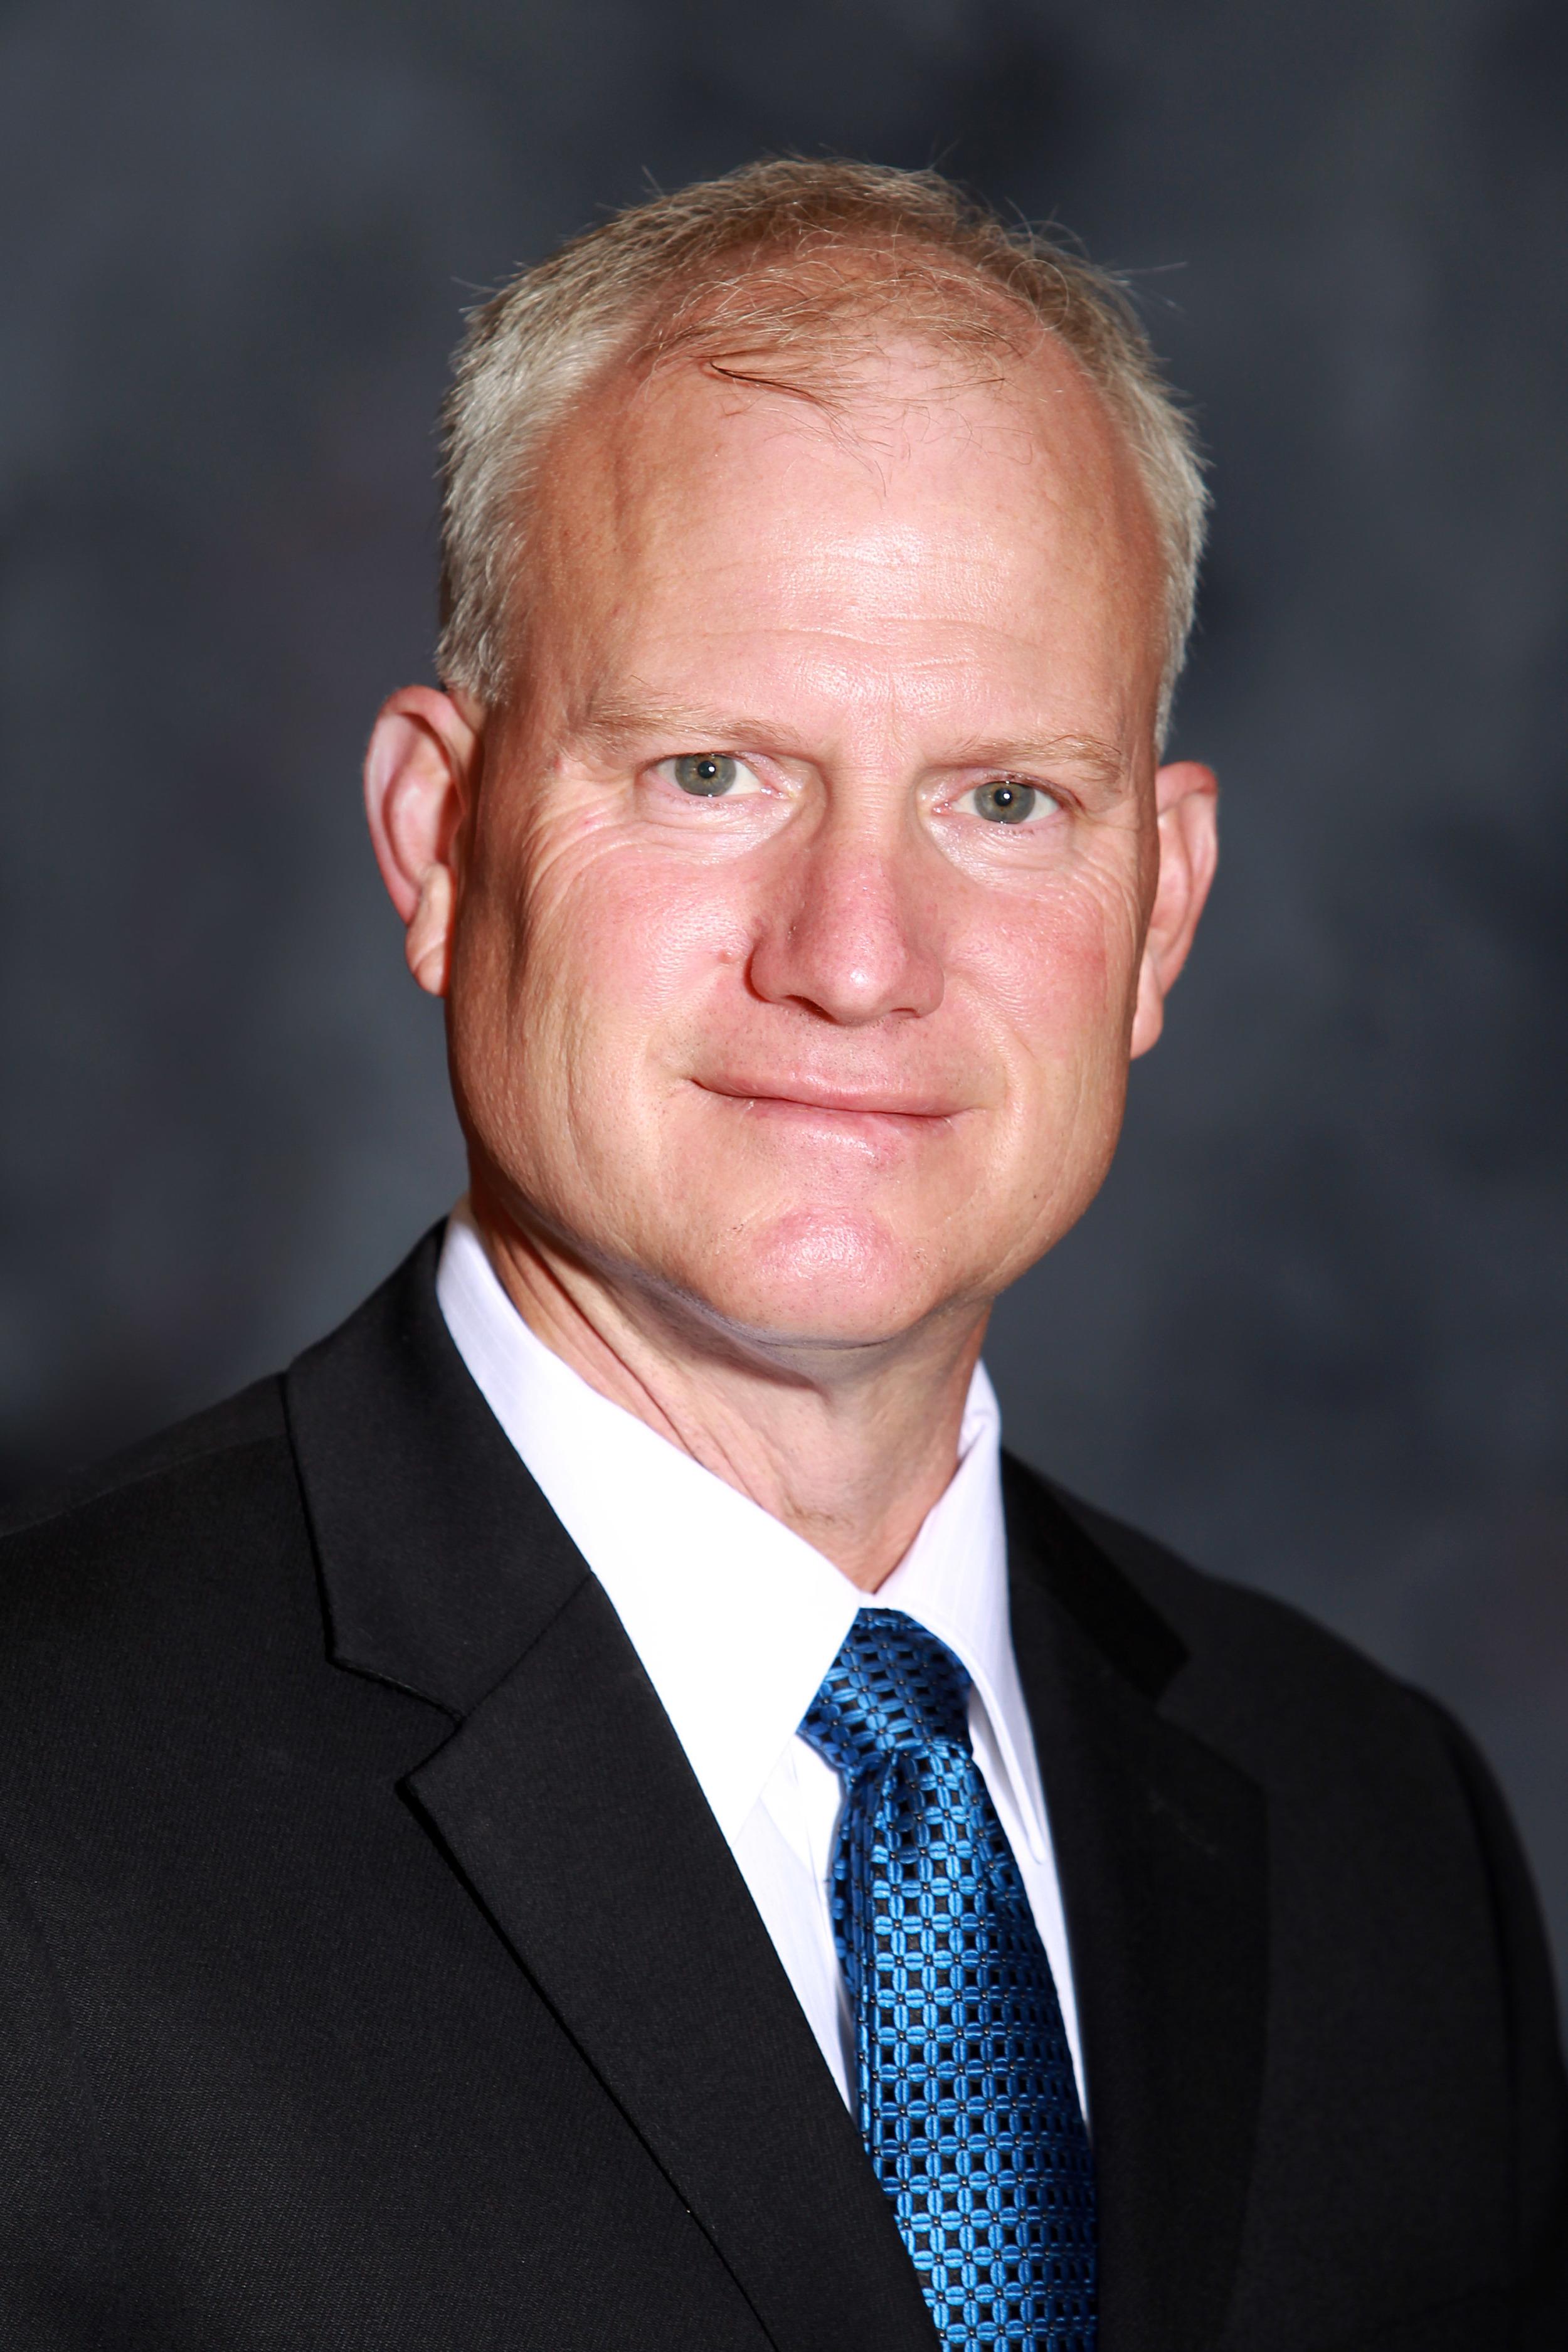 Dr. Richard Benninger